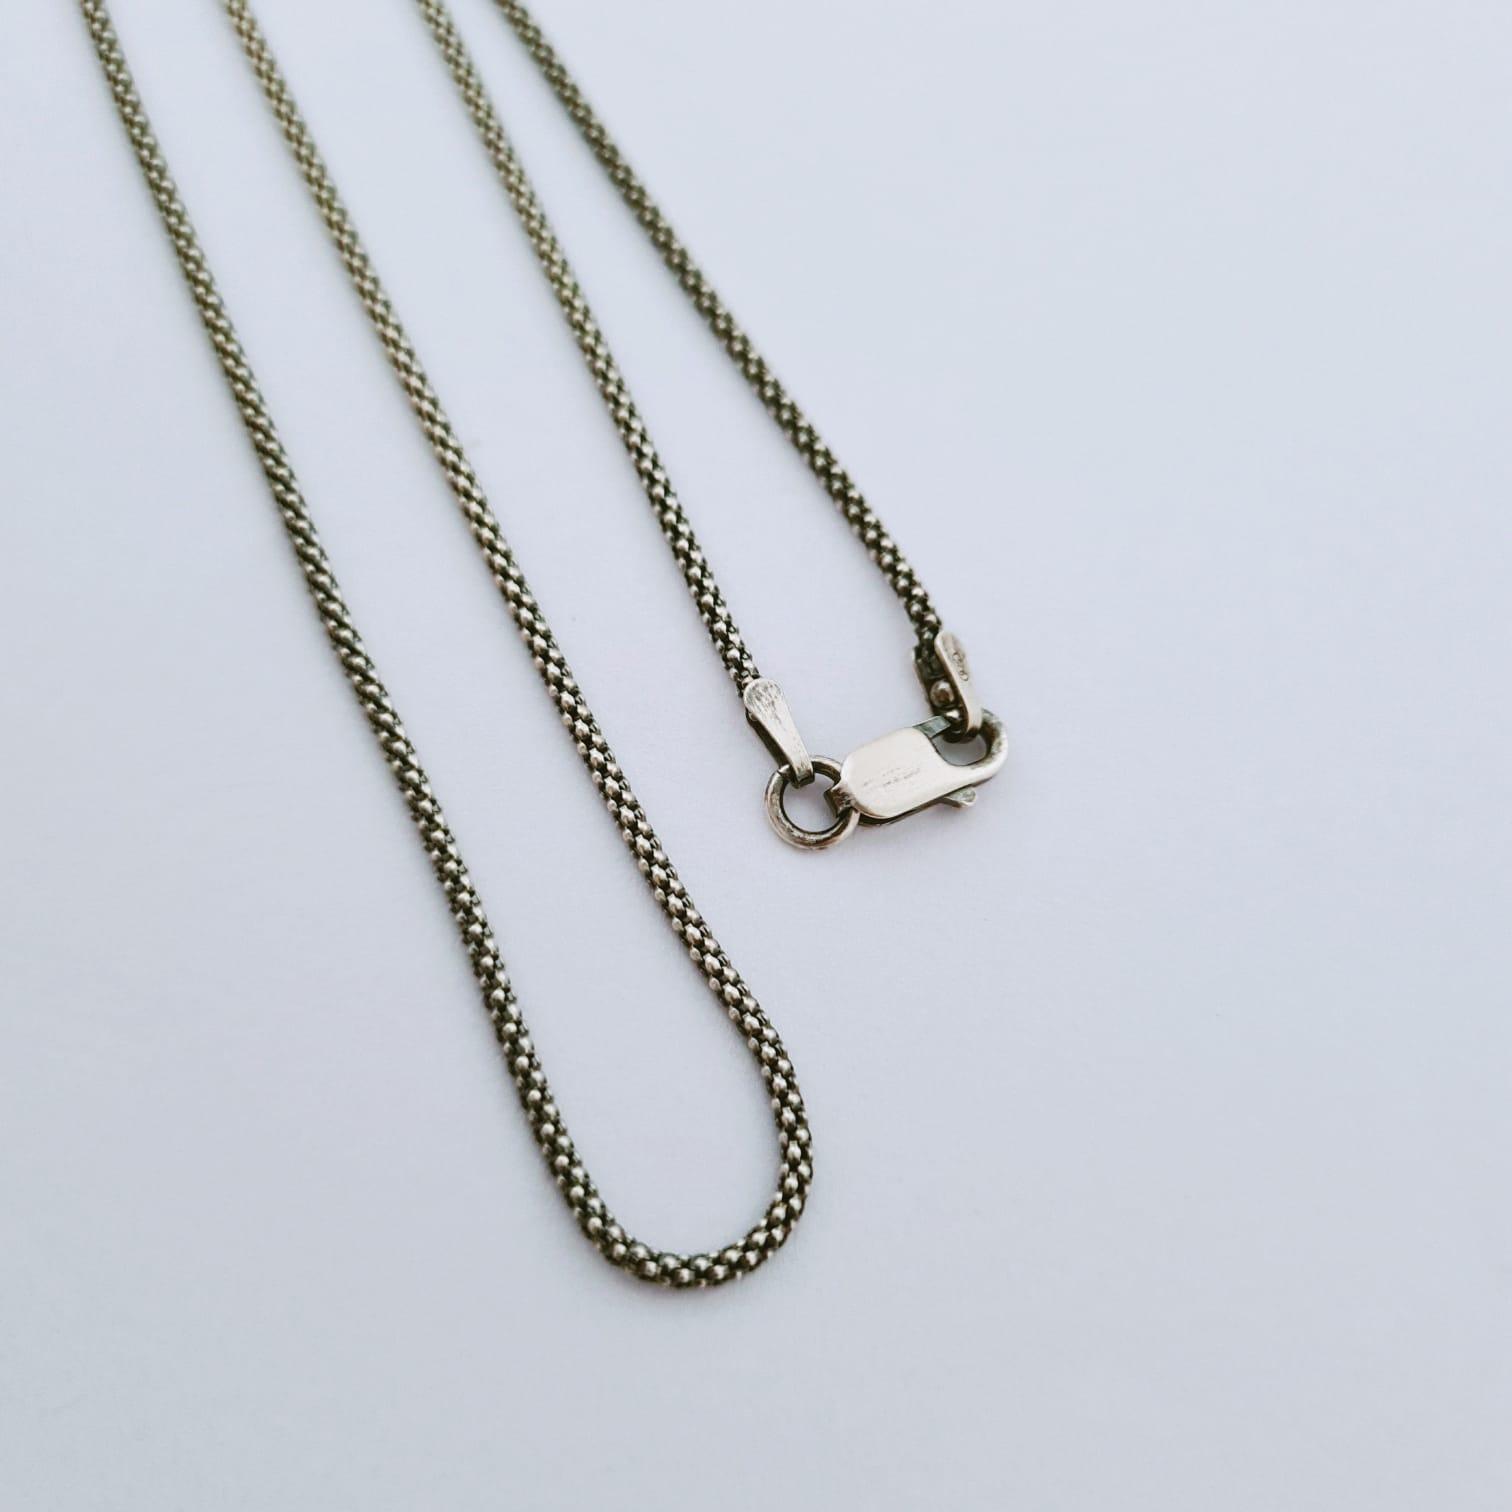 Corrente de Prata Pipoca Fina - 60 cm